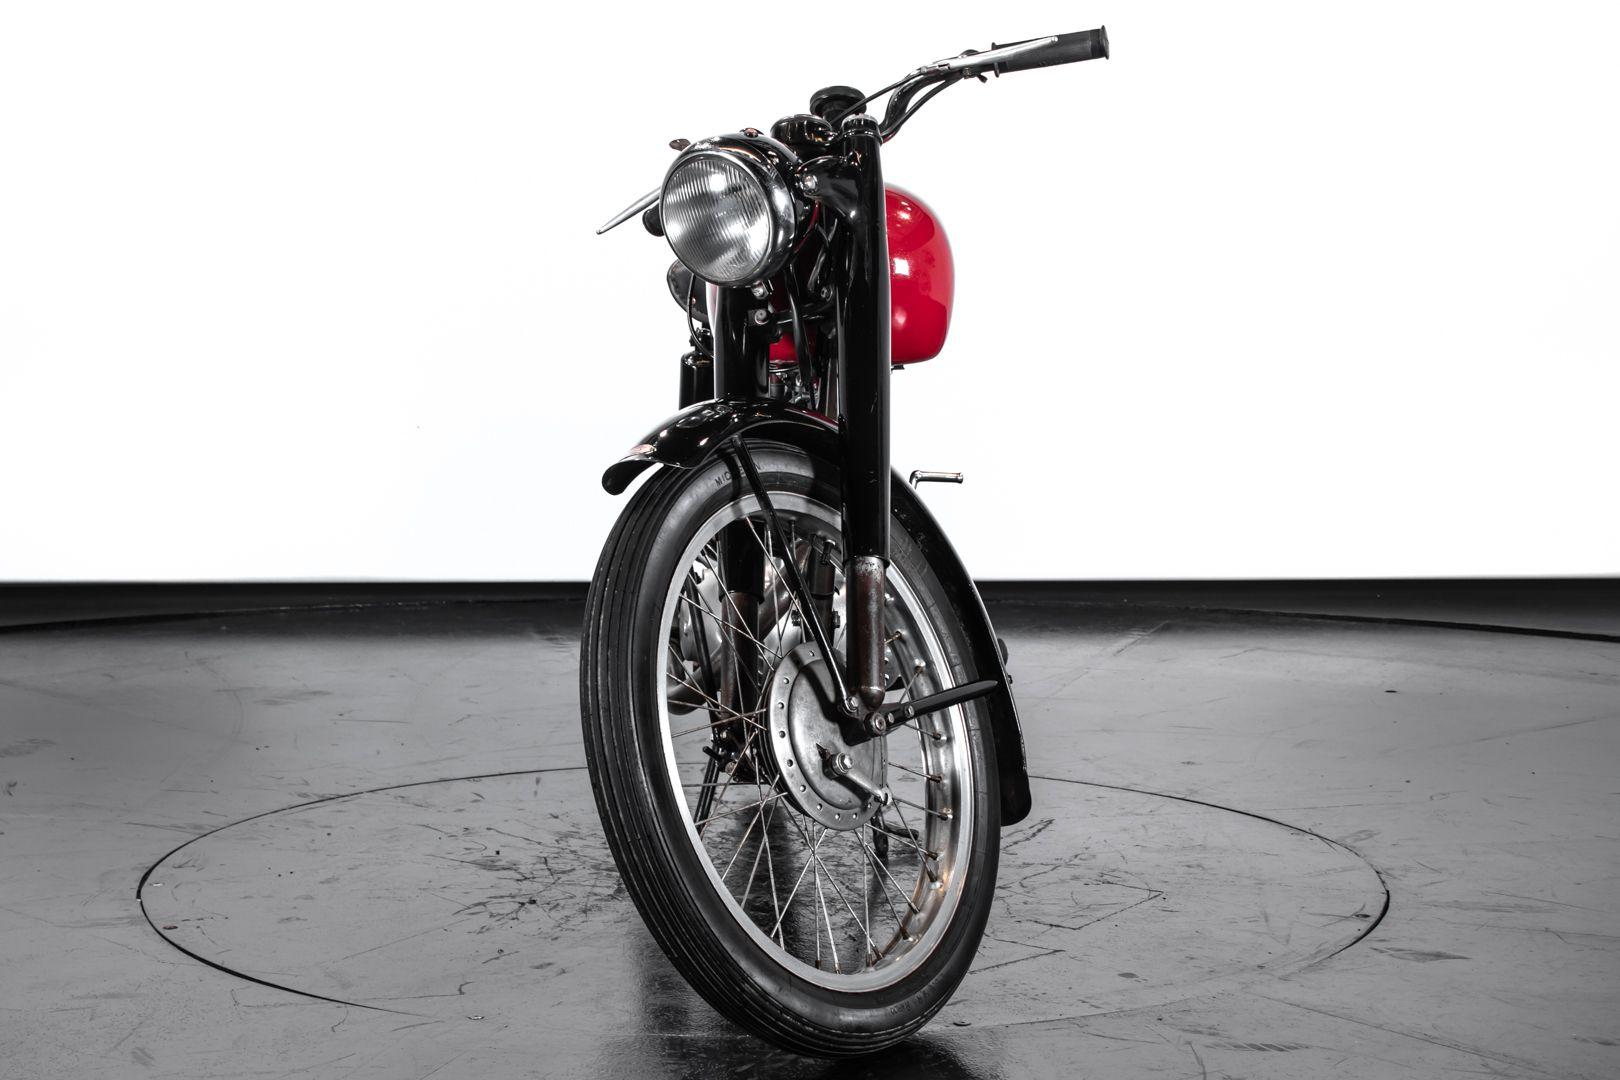 1961 Moto Morini Motore Corto 2T 125 78302